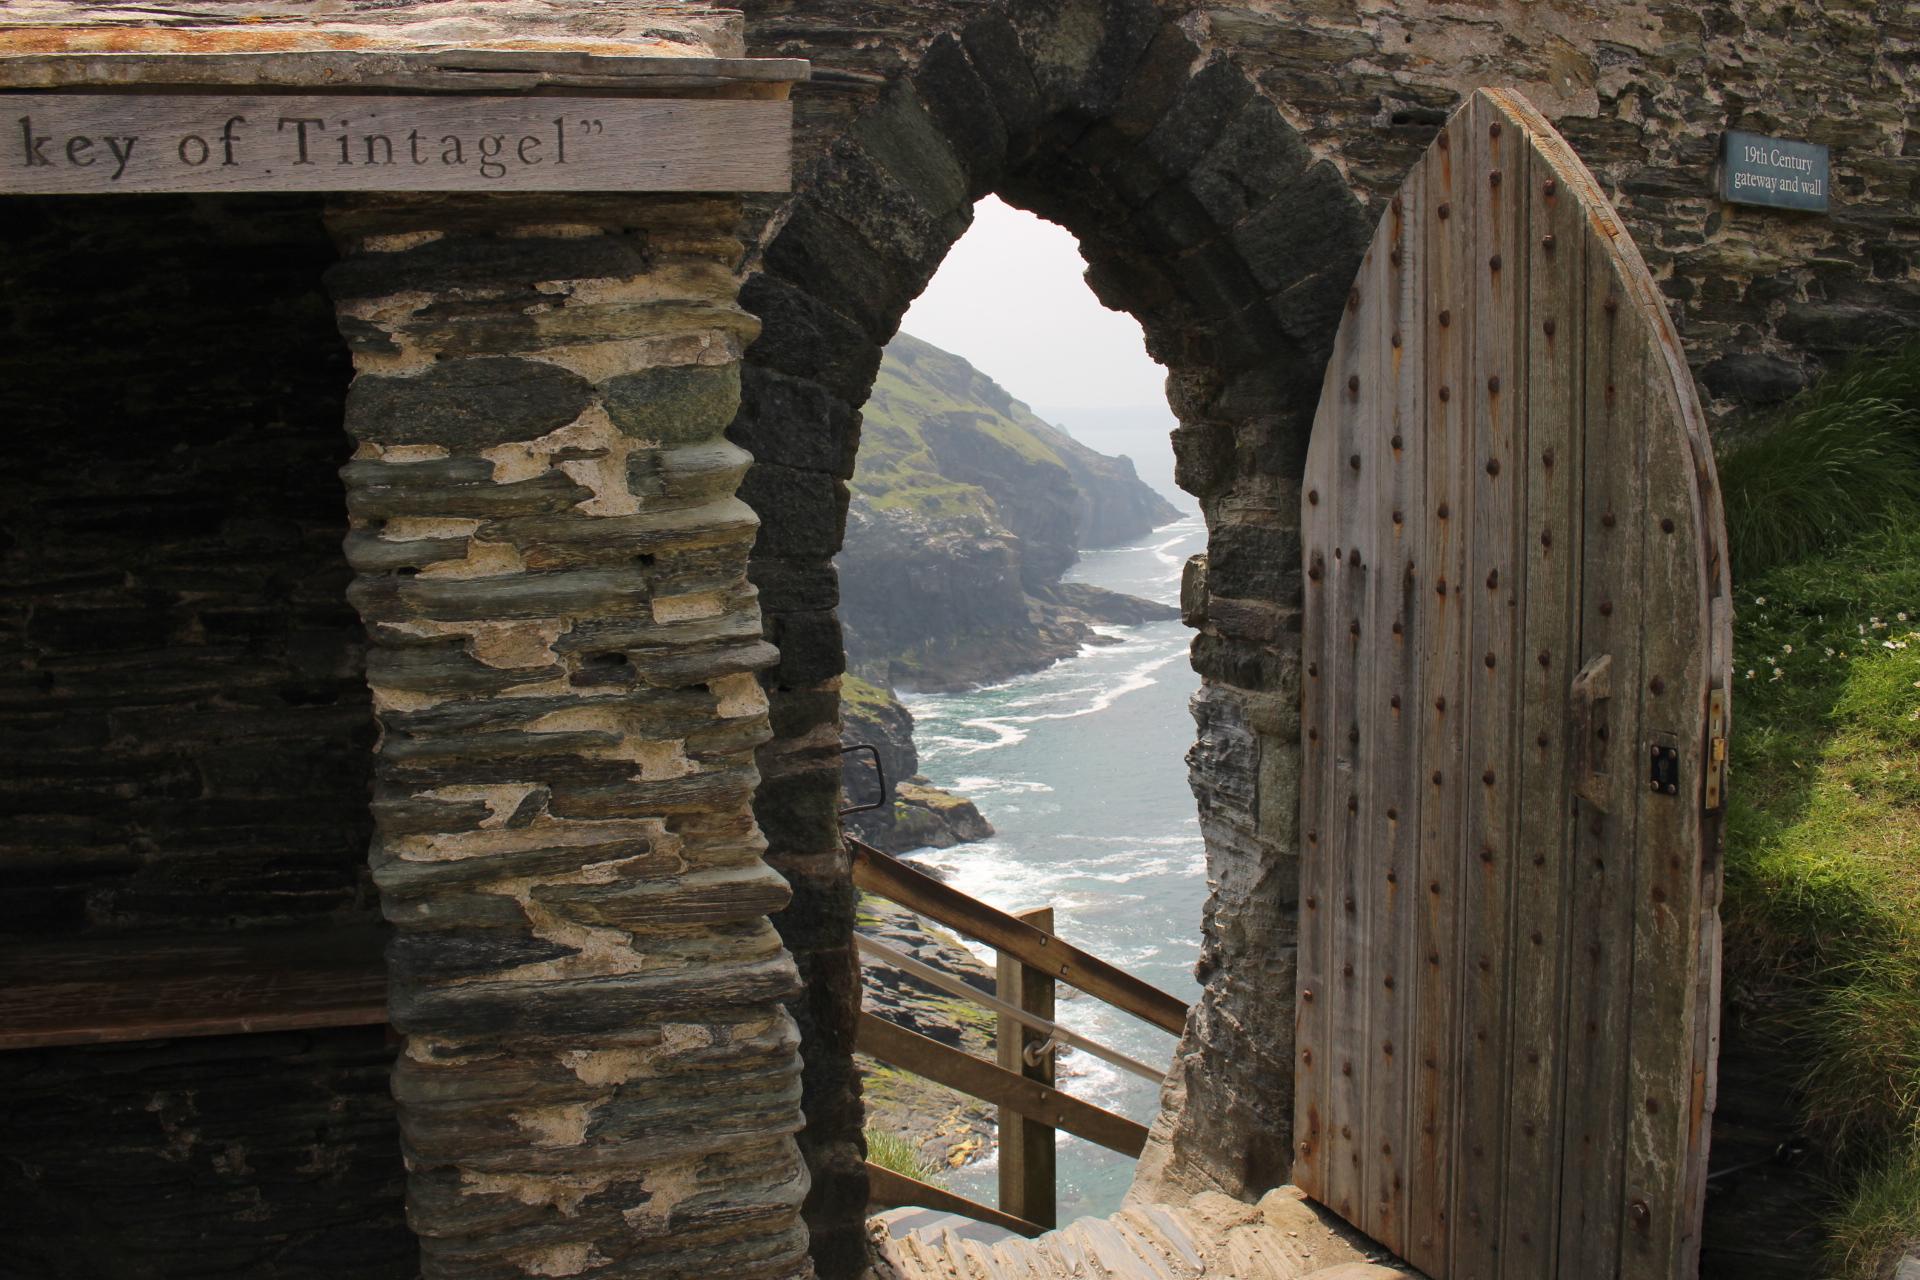 Tipps in Tintagel Castel